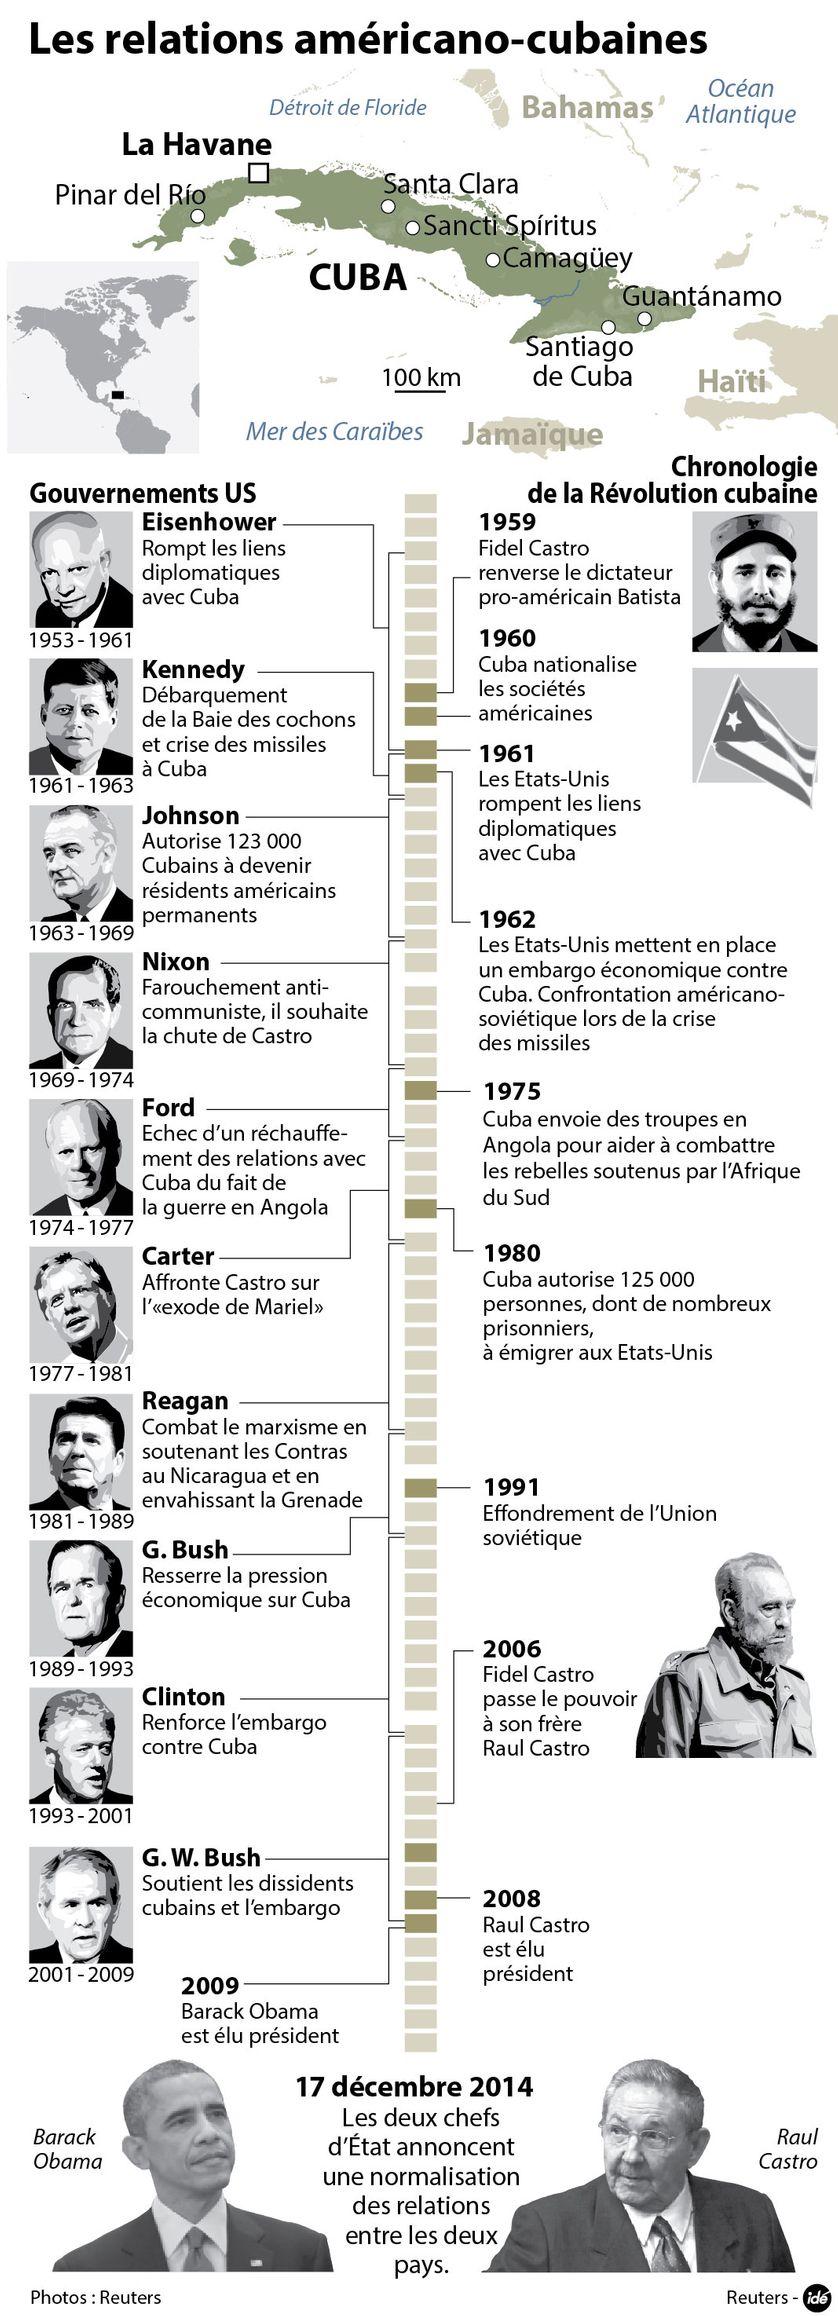 Les relations américano-cubaines